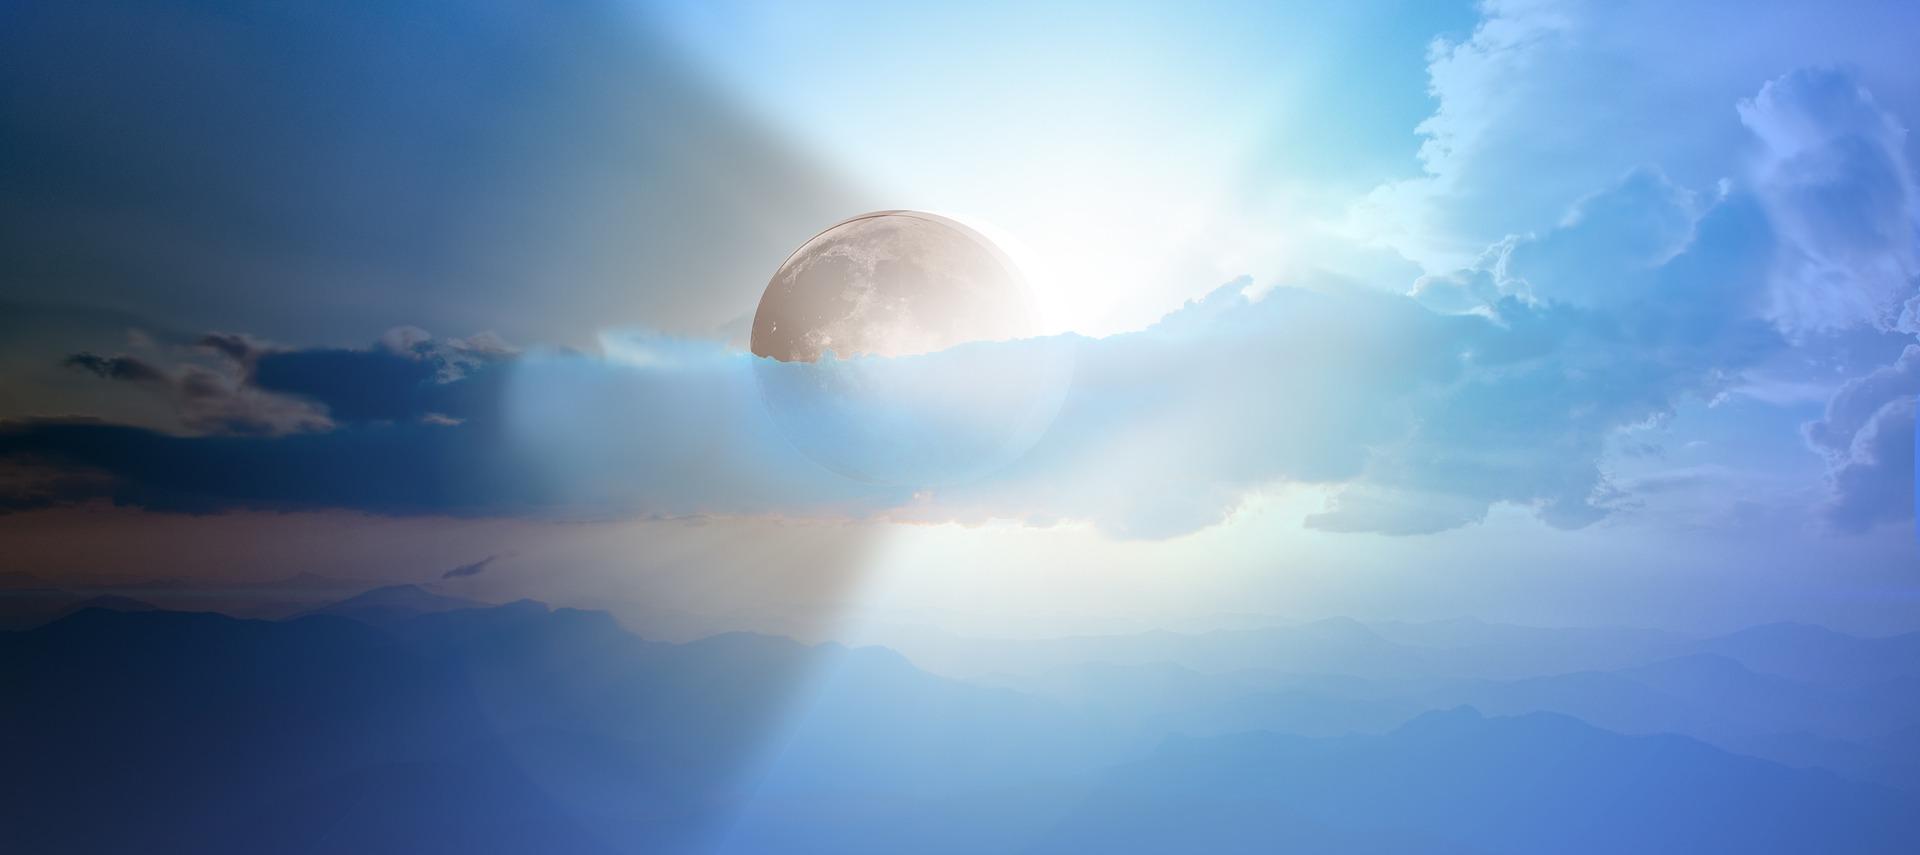 Horoskop 2018 Mai Astrologie Monatshoroskop kostenlos